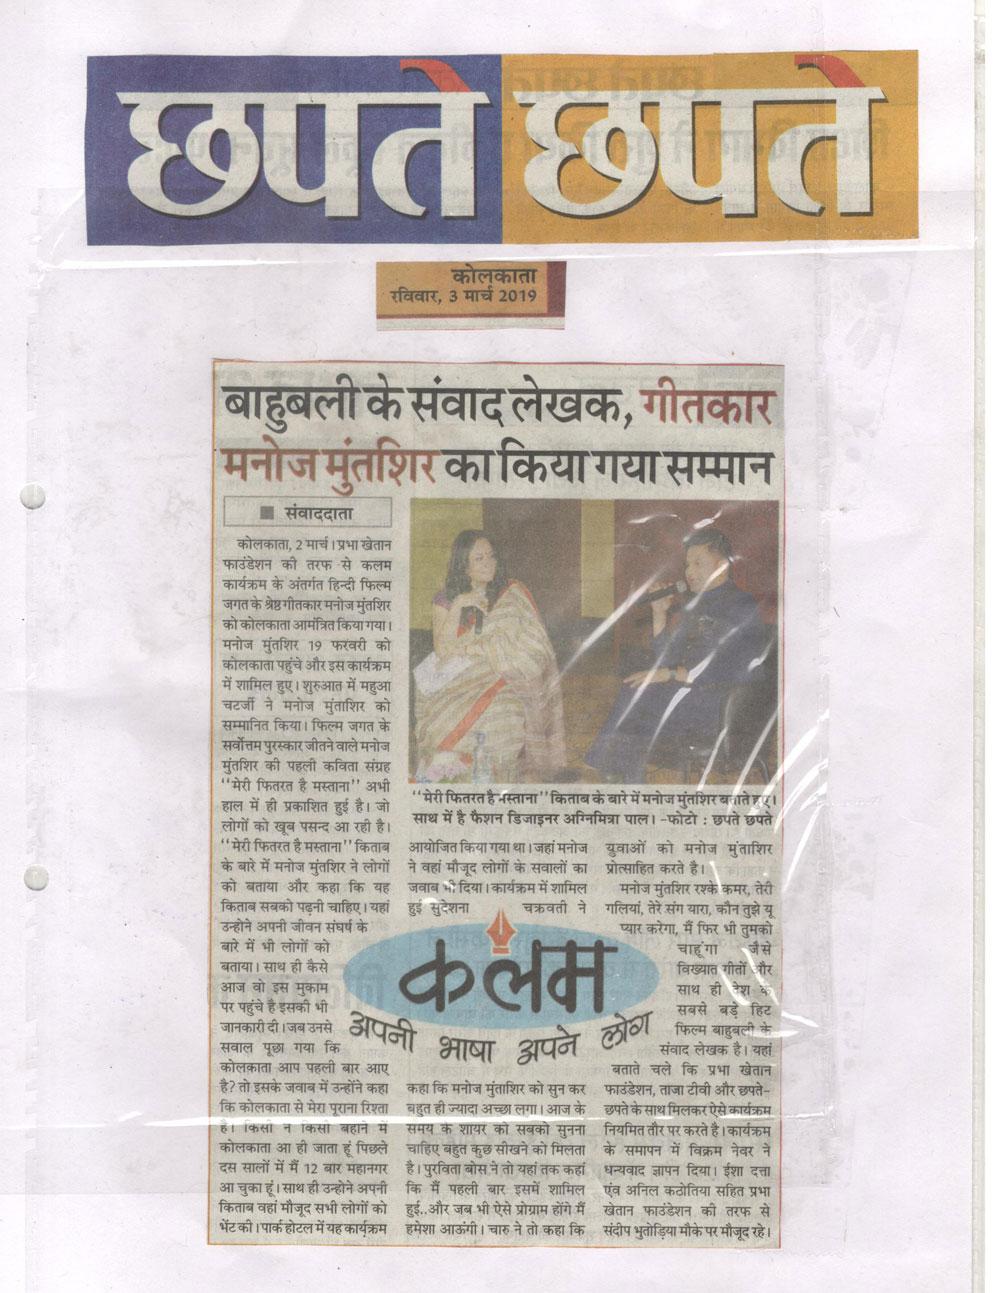 Kalam-Kolkata-with-Manoj-Muntashi-dt-19.02.19